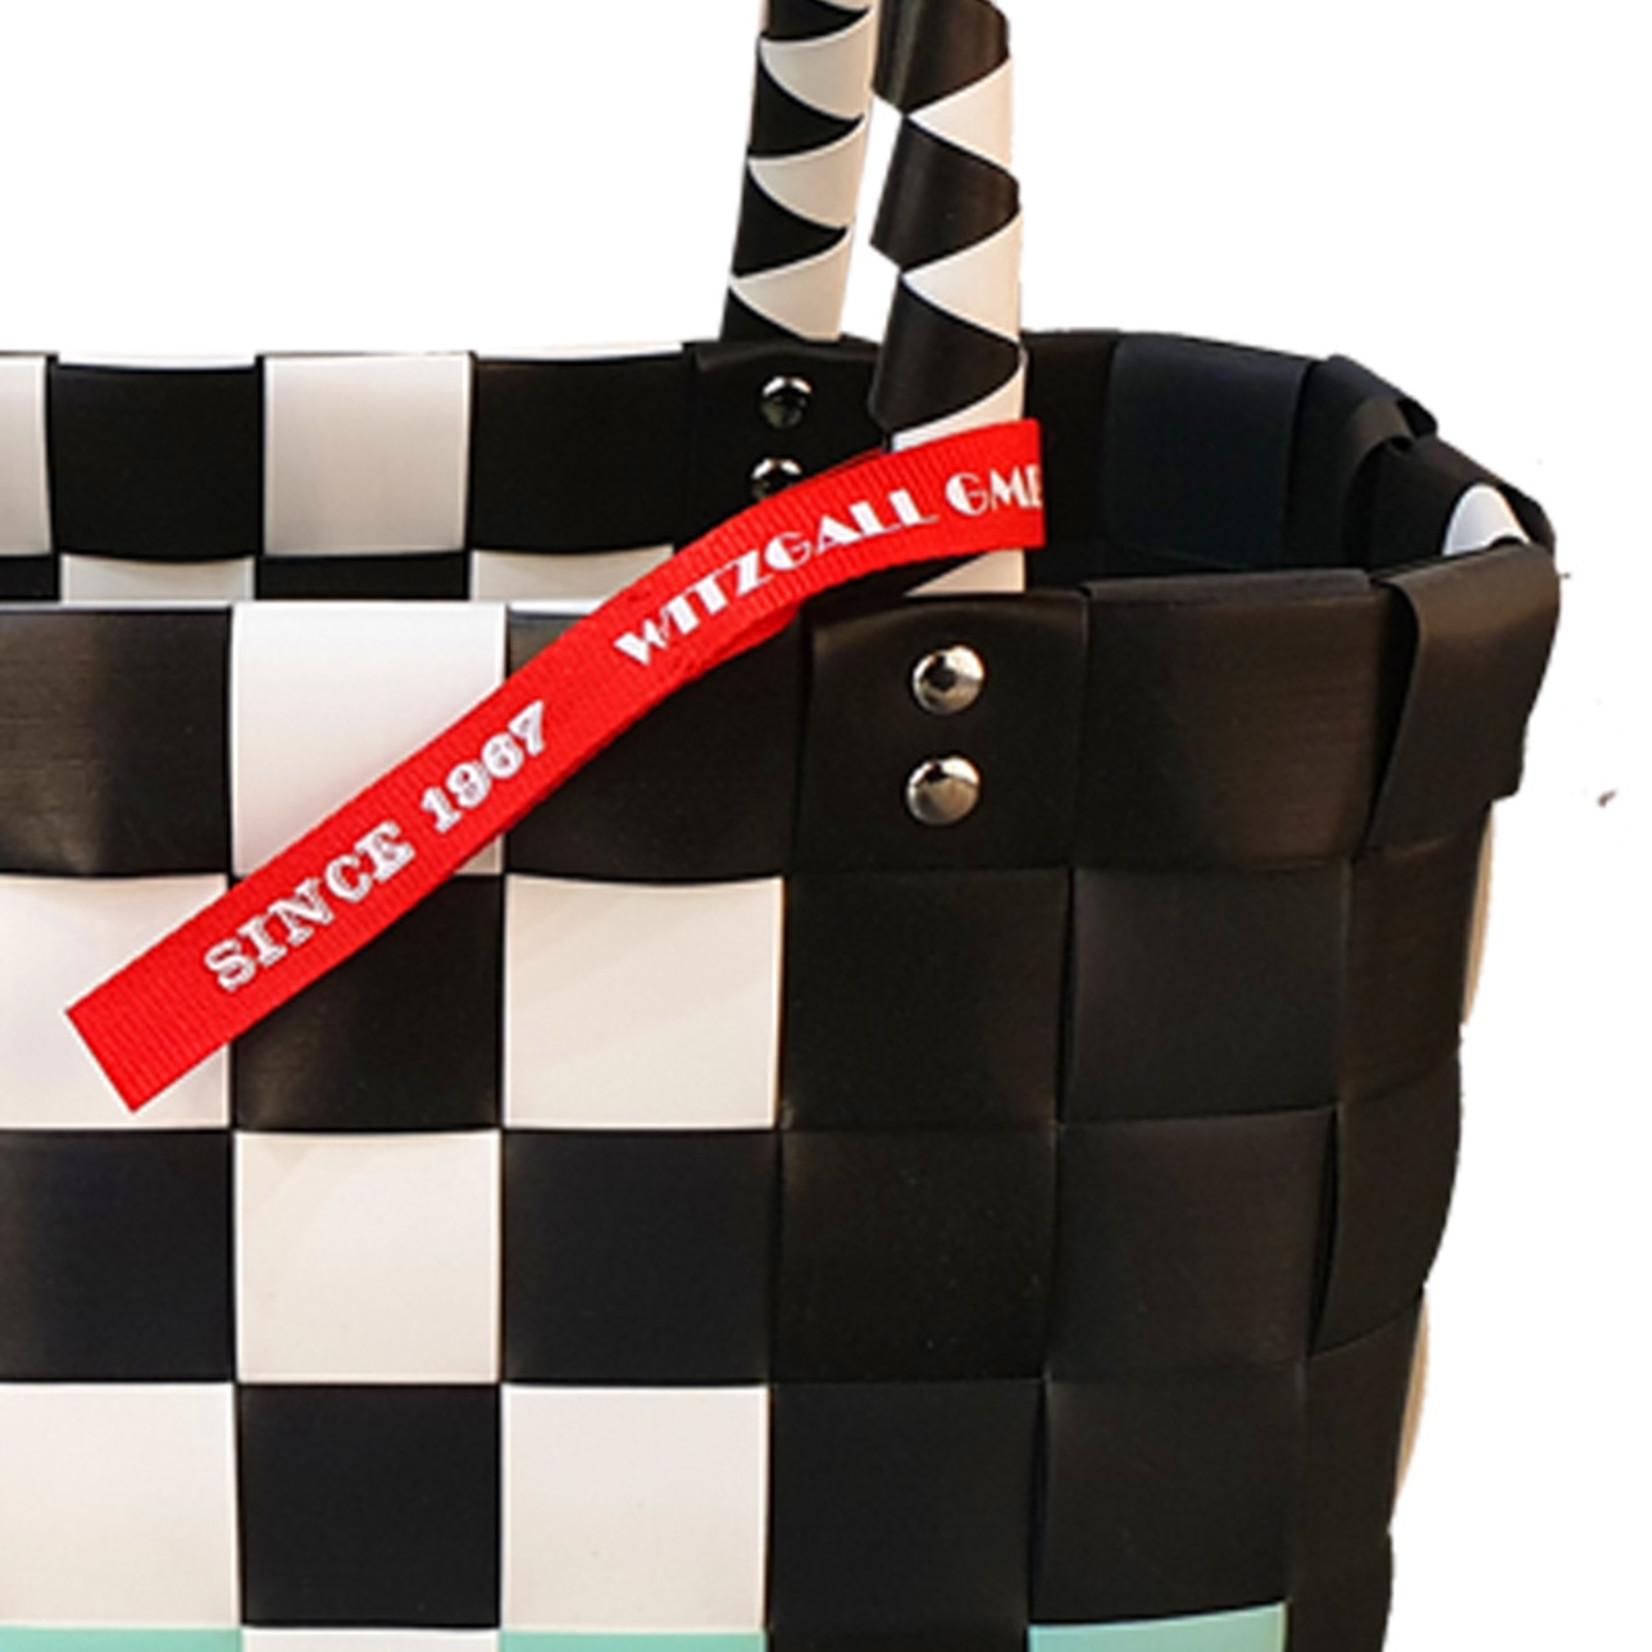 ICE BAG Taschen ICE BAG Shopper 5009-48 I Original Witzgall Tasche I grün-schwarz